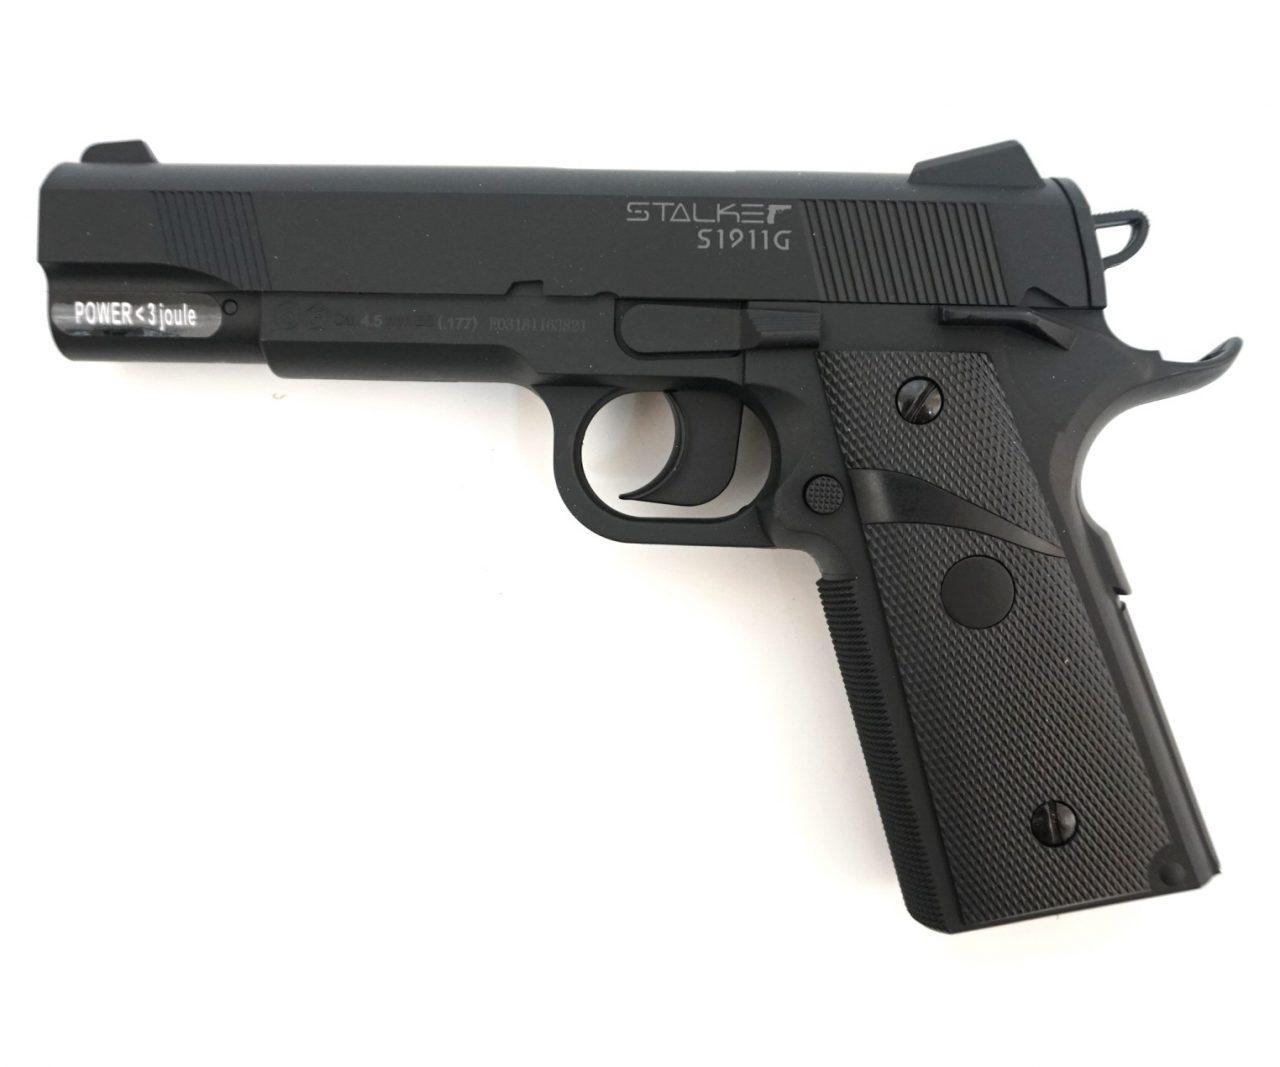 Stalker S1911 G (Colt)